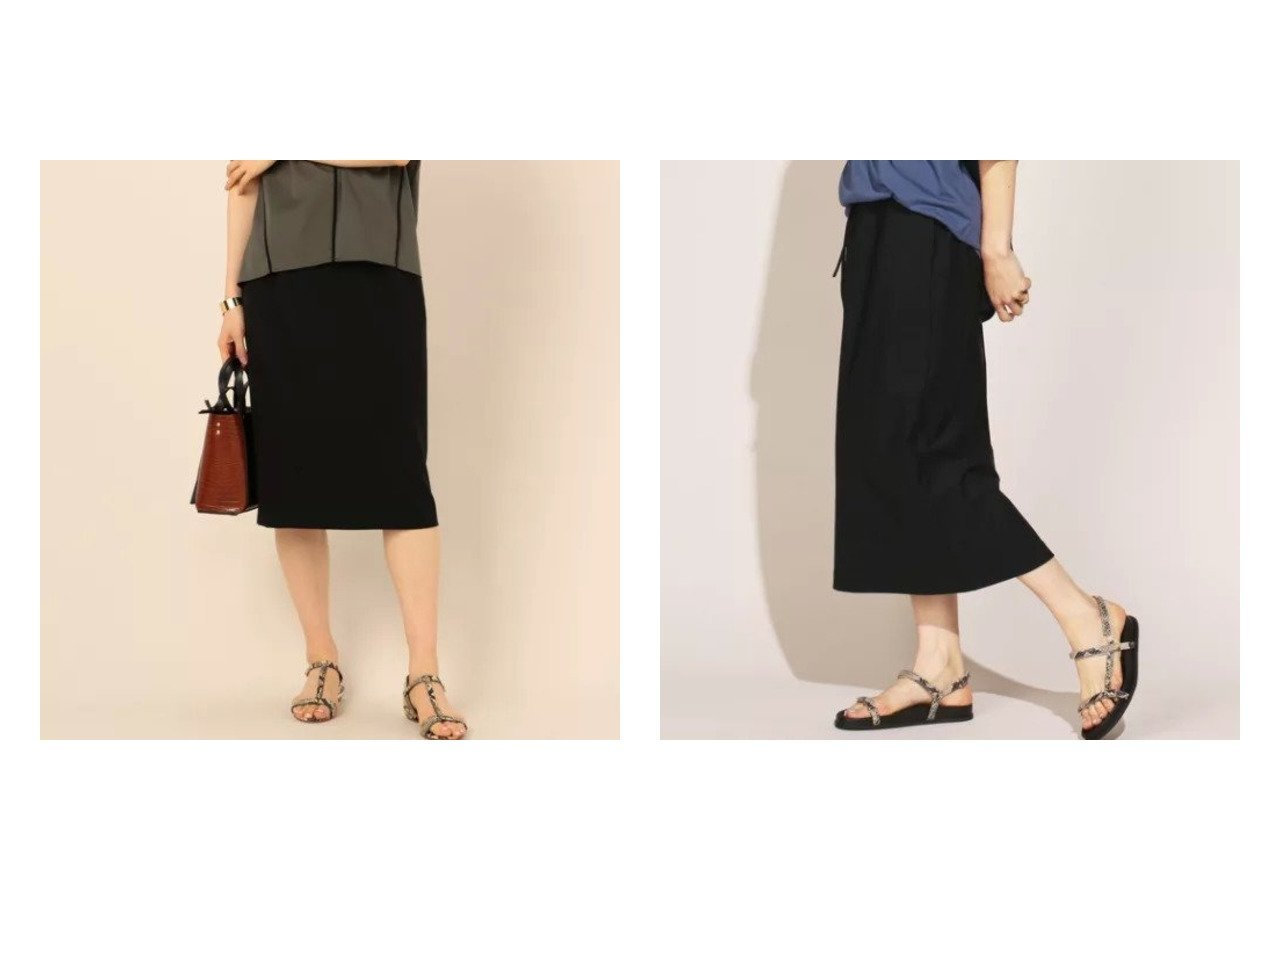 【NOLLEY'S sophi/ノーリーズソフィー】の強撚2WAYタイトスカート&【NOLLEY'S/ノーリーズ】のメリルイージースカート 【スカート】おすすめ!人気、トレンド・レディースファッションの通販 おすすめで人気の流行・トレンド、ファッションの通販商品 インテリア・家具・メンズファッション・キッズファッション・レディースファッション・服の通販 founy(ファニー) https://founy.com/ ファッション Fashion レディースファッション WOMEN スカート Skirt 洗える 吸水 ジャケット ストレッチ セットアップ タイトスカート 人気 カットソー シンプル ストレート ドローコード ロング |ID:crp329100000040818